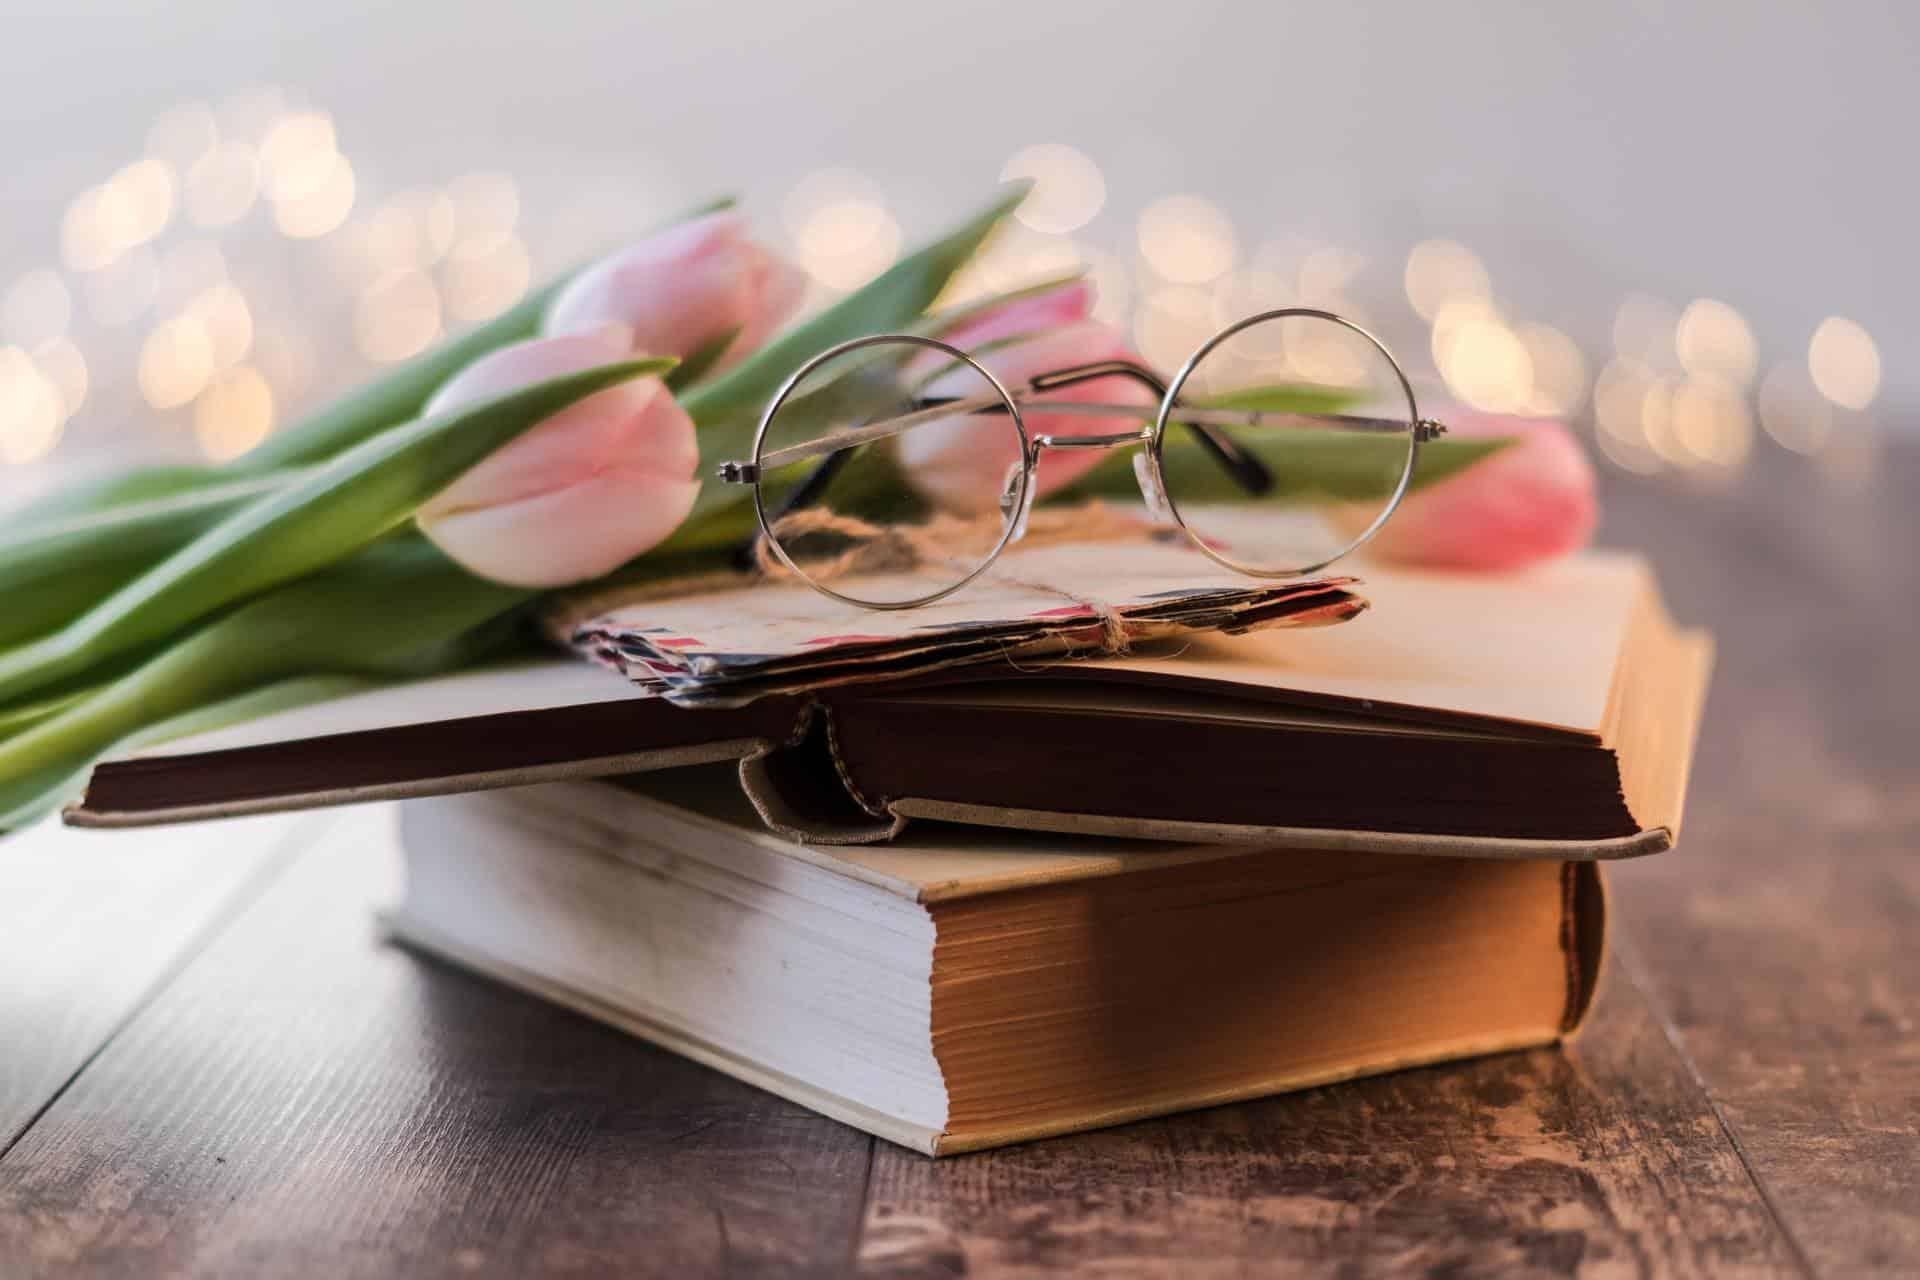 books envelopes eyeglasses 1906437